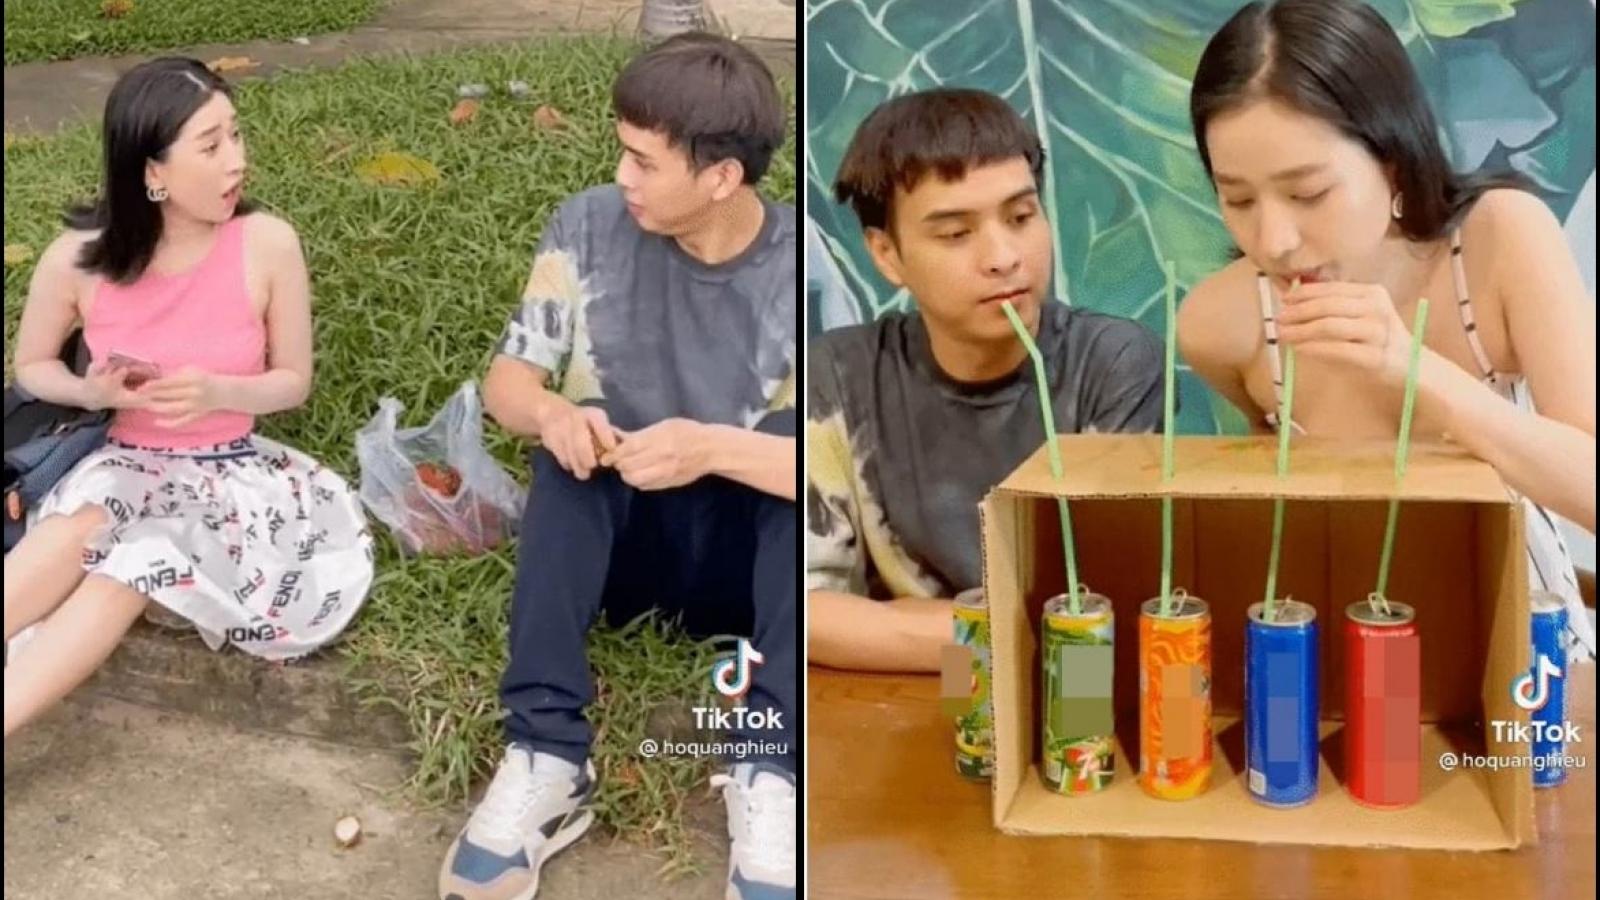 Chuyện showbiz: Hồ Quang Hiếu và vợ cũ lần đầu xuất hiện chung sau 8 năm chia tay